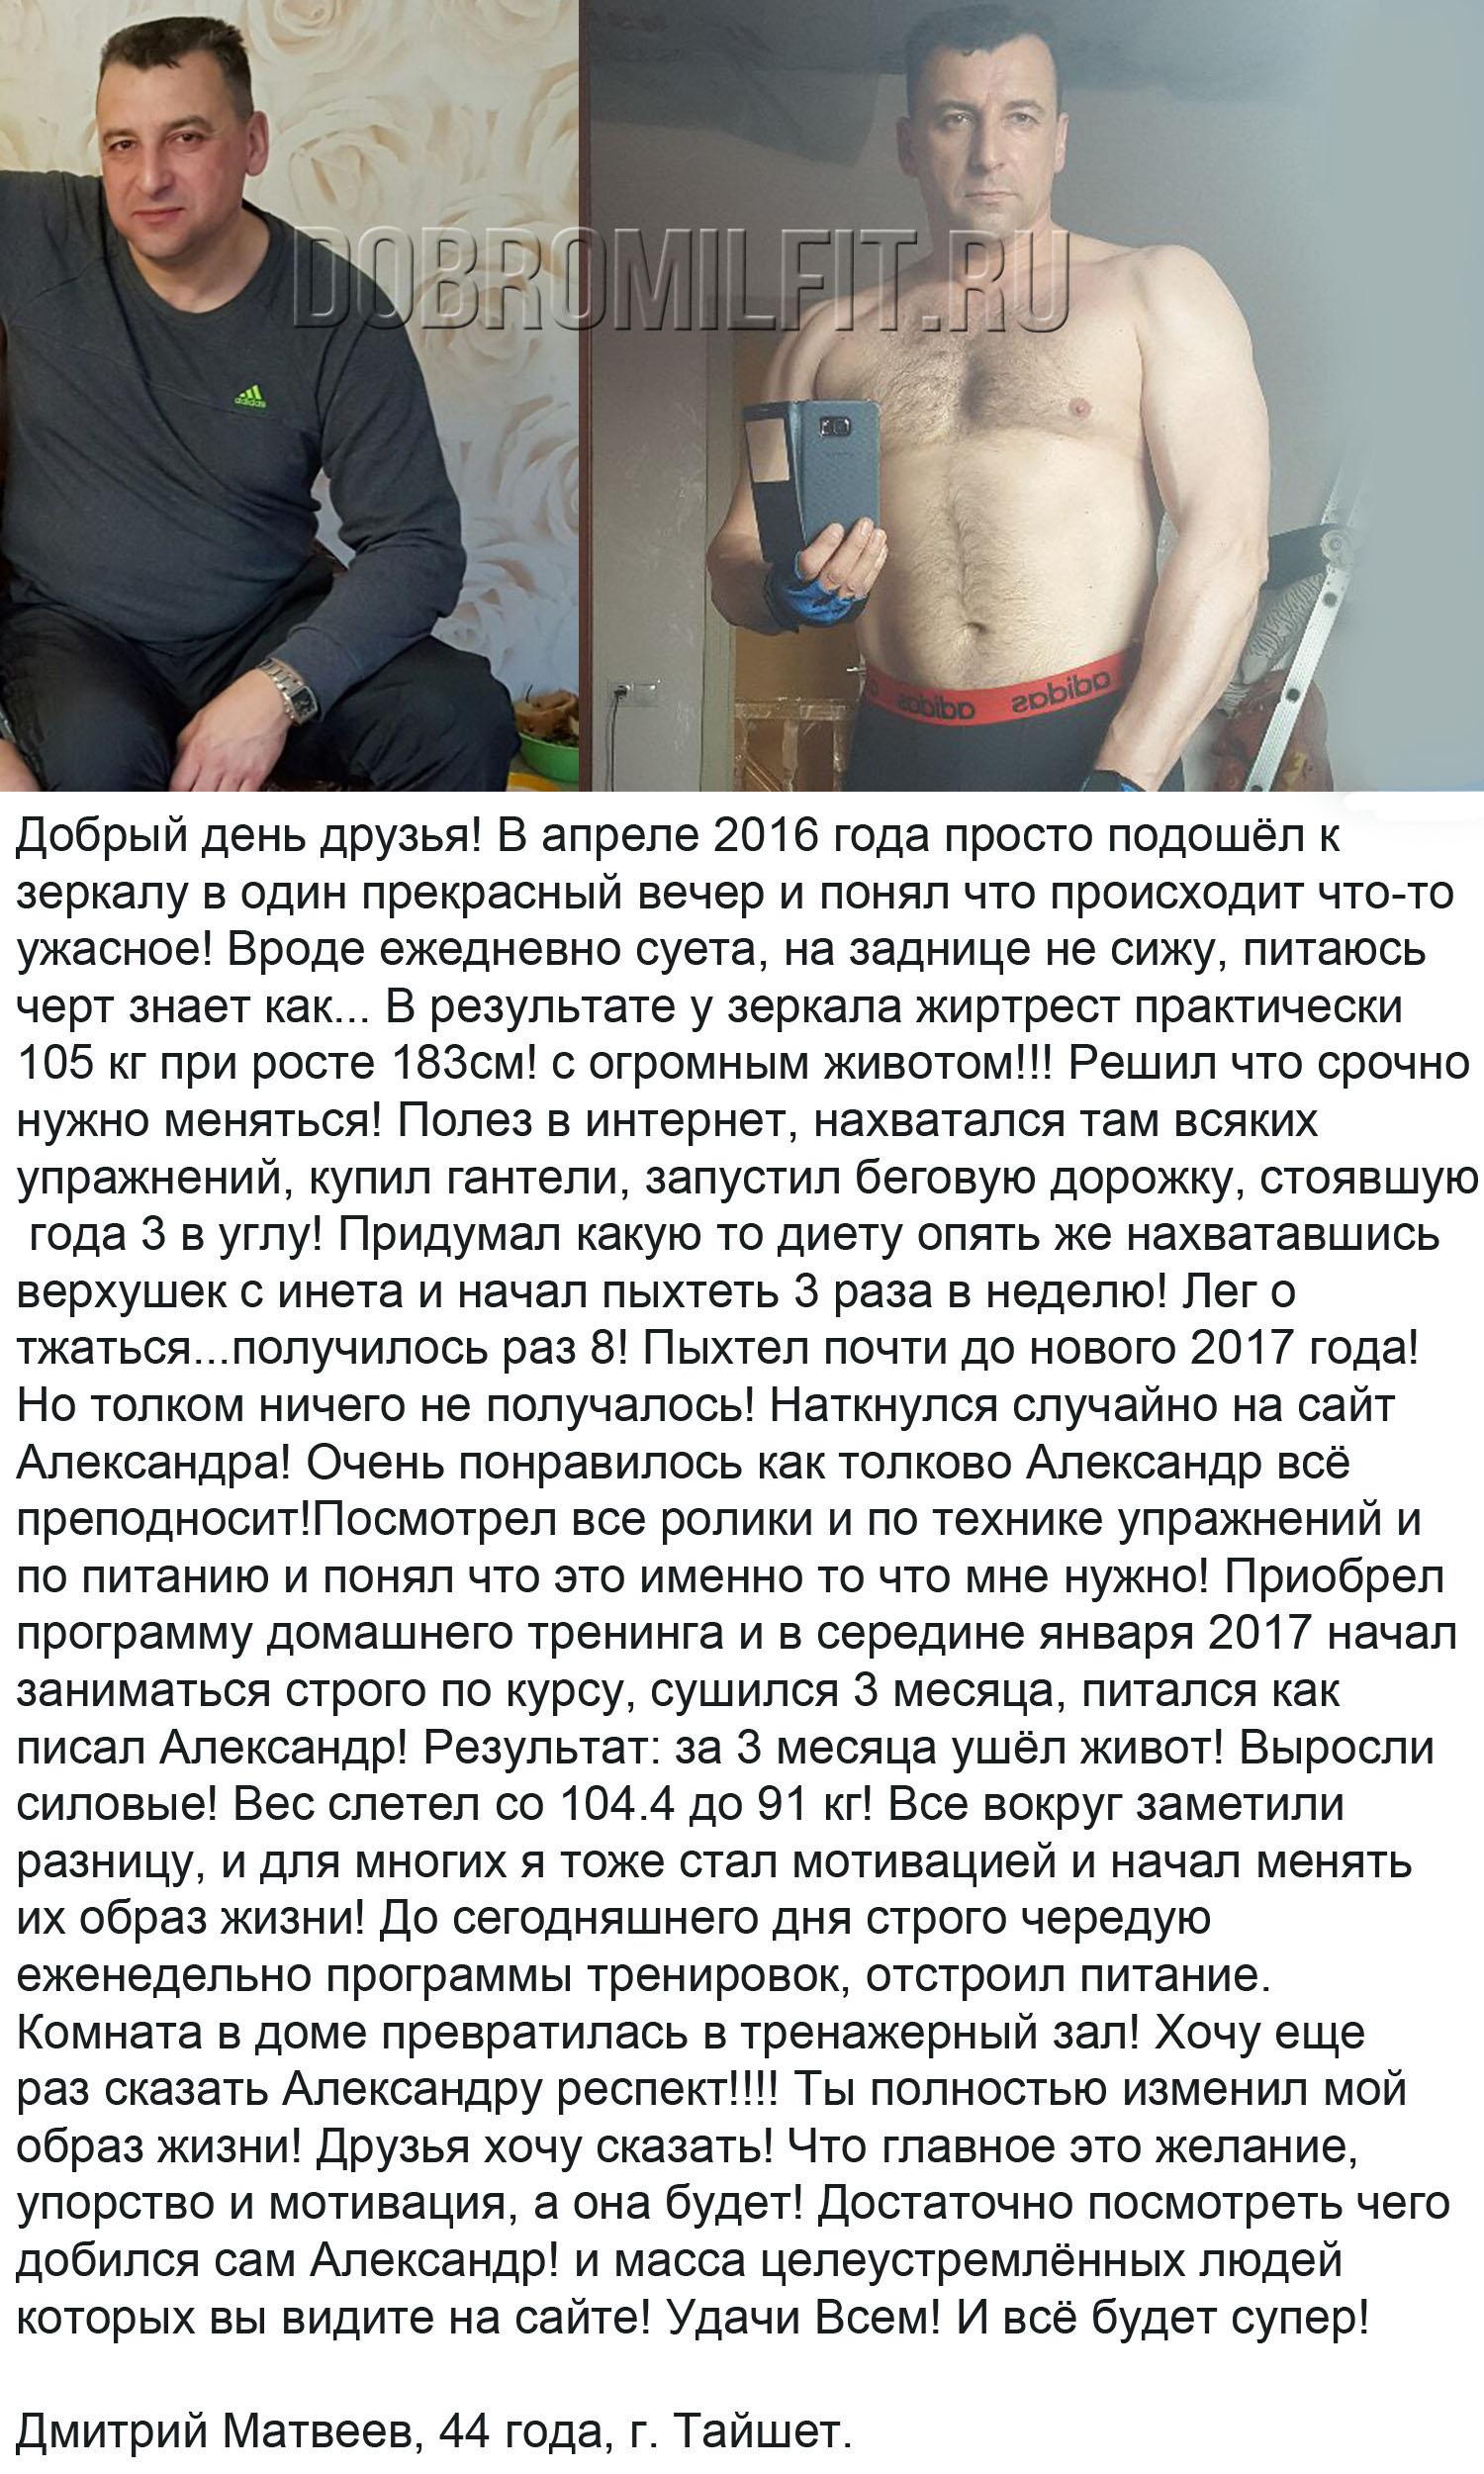 Дмитрий Матвеев2